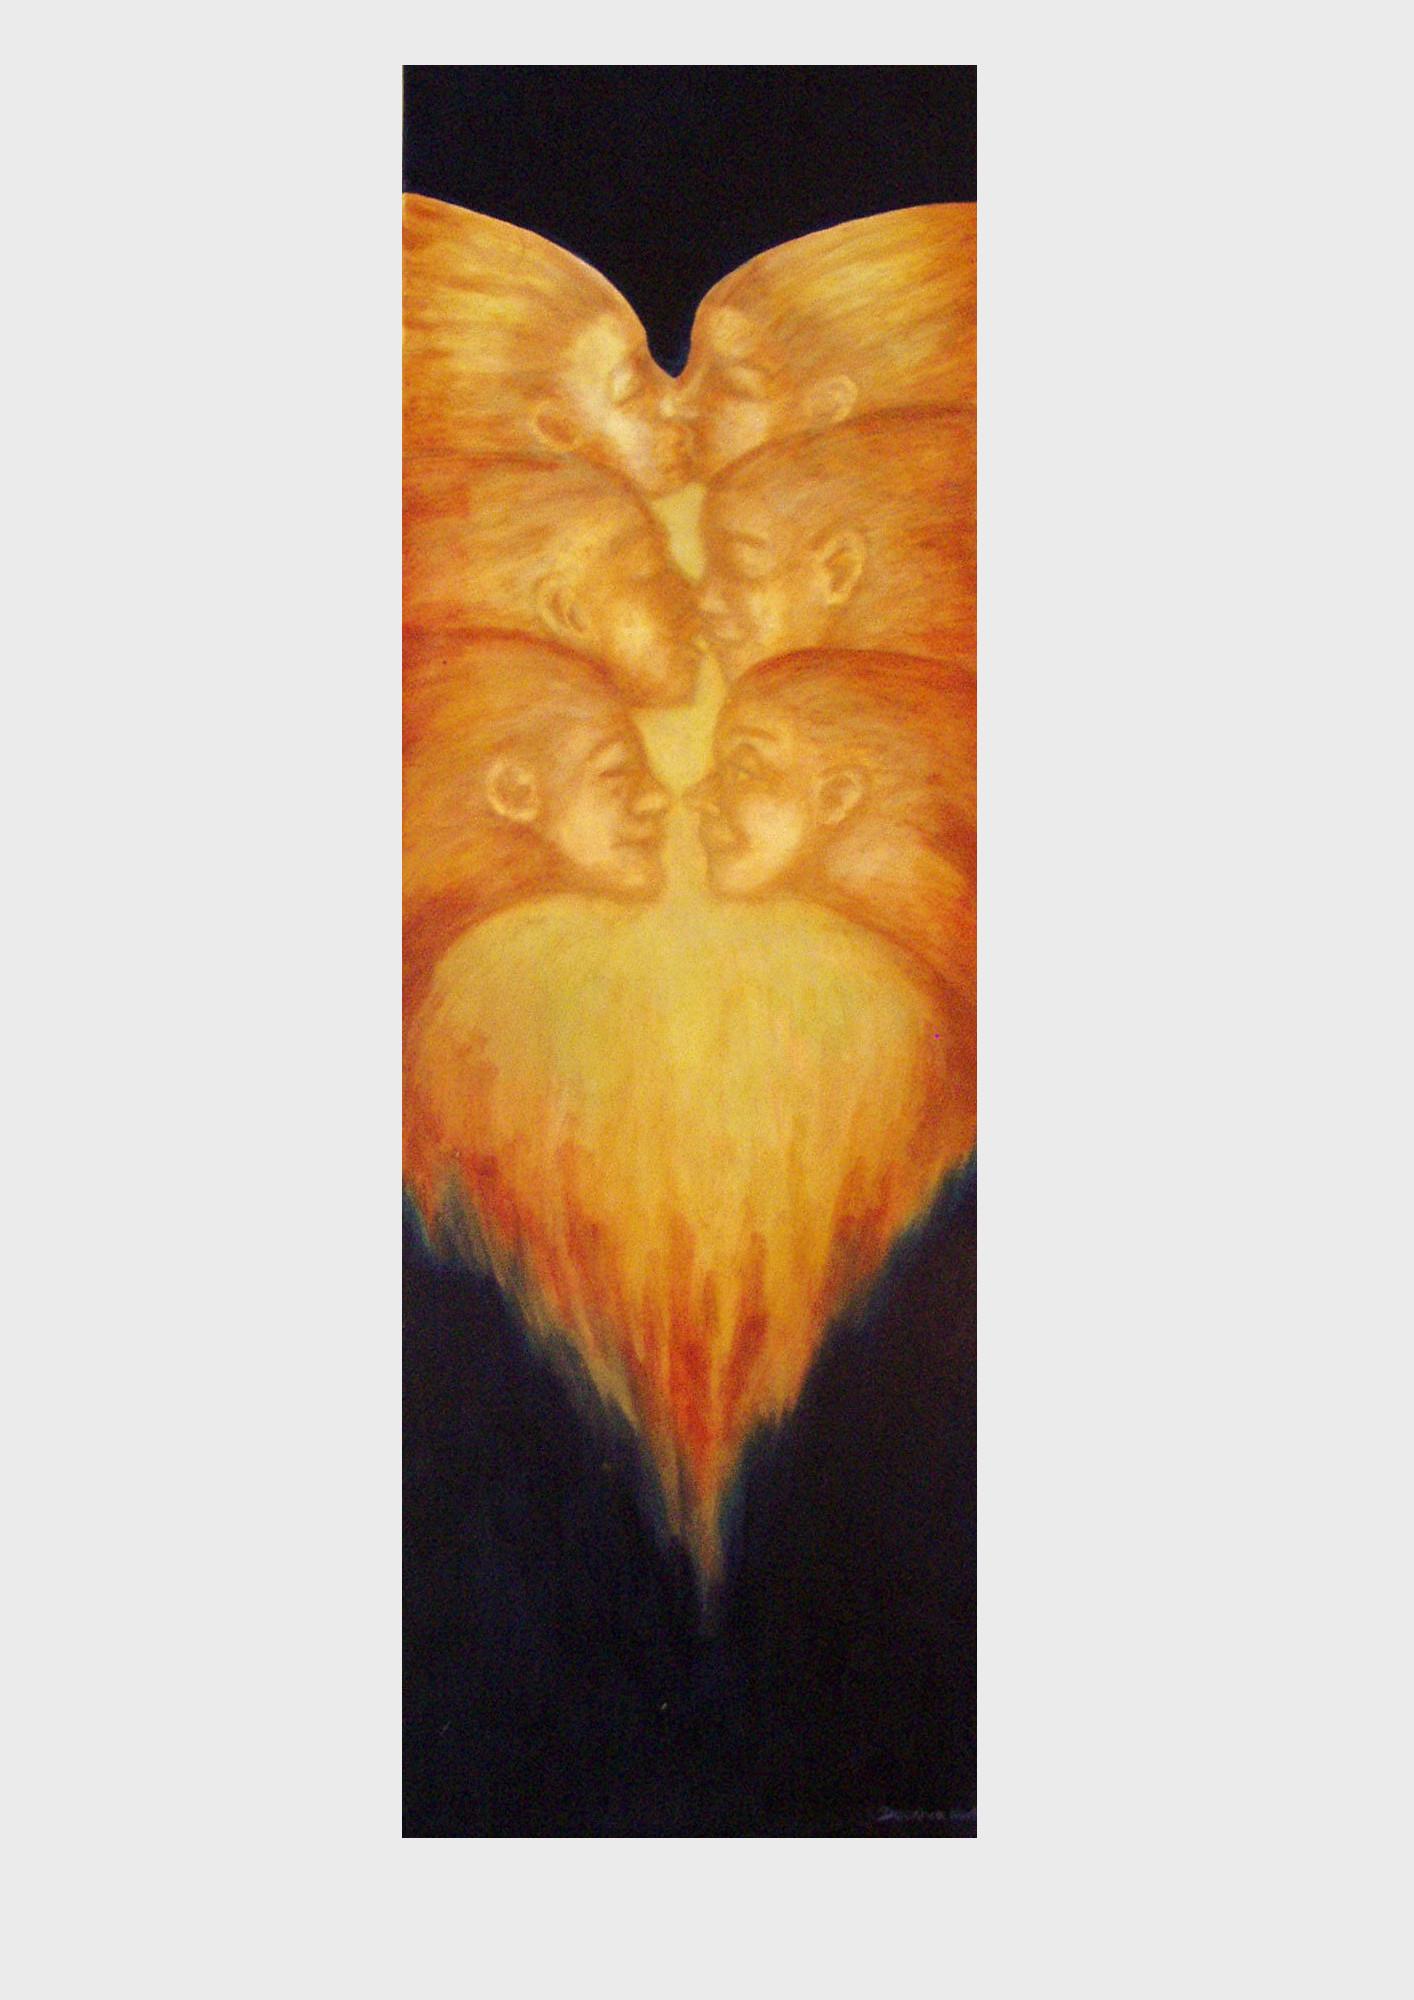 Brennendes Herz, zwei Liebende. Malerei von Dorothea Koch. Ein Liebespaar verschmilzt im Feuer, i Kuss, in der Liebe. Acryl Malerei, in warmen Farben, vor dunklem Hintergrund.